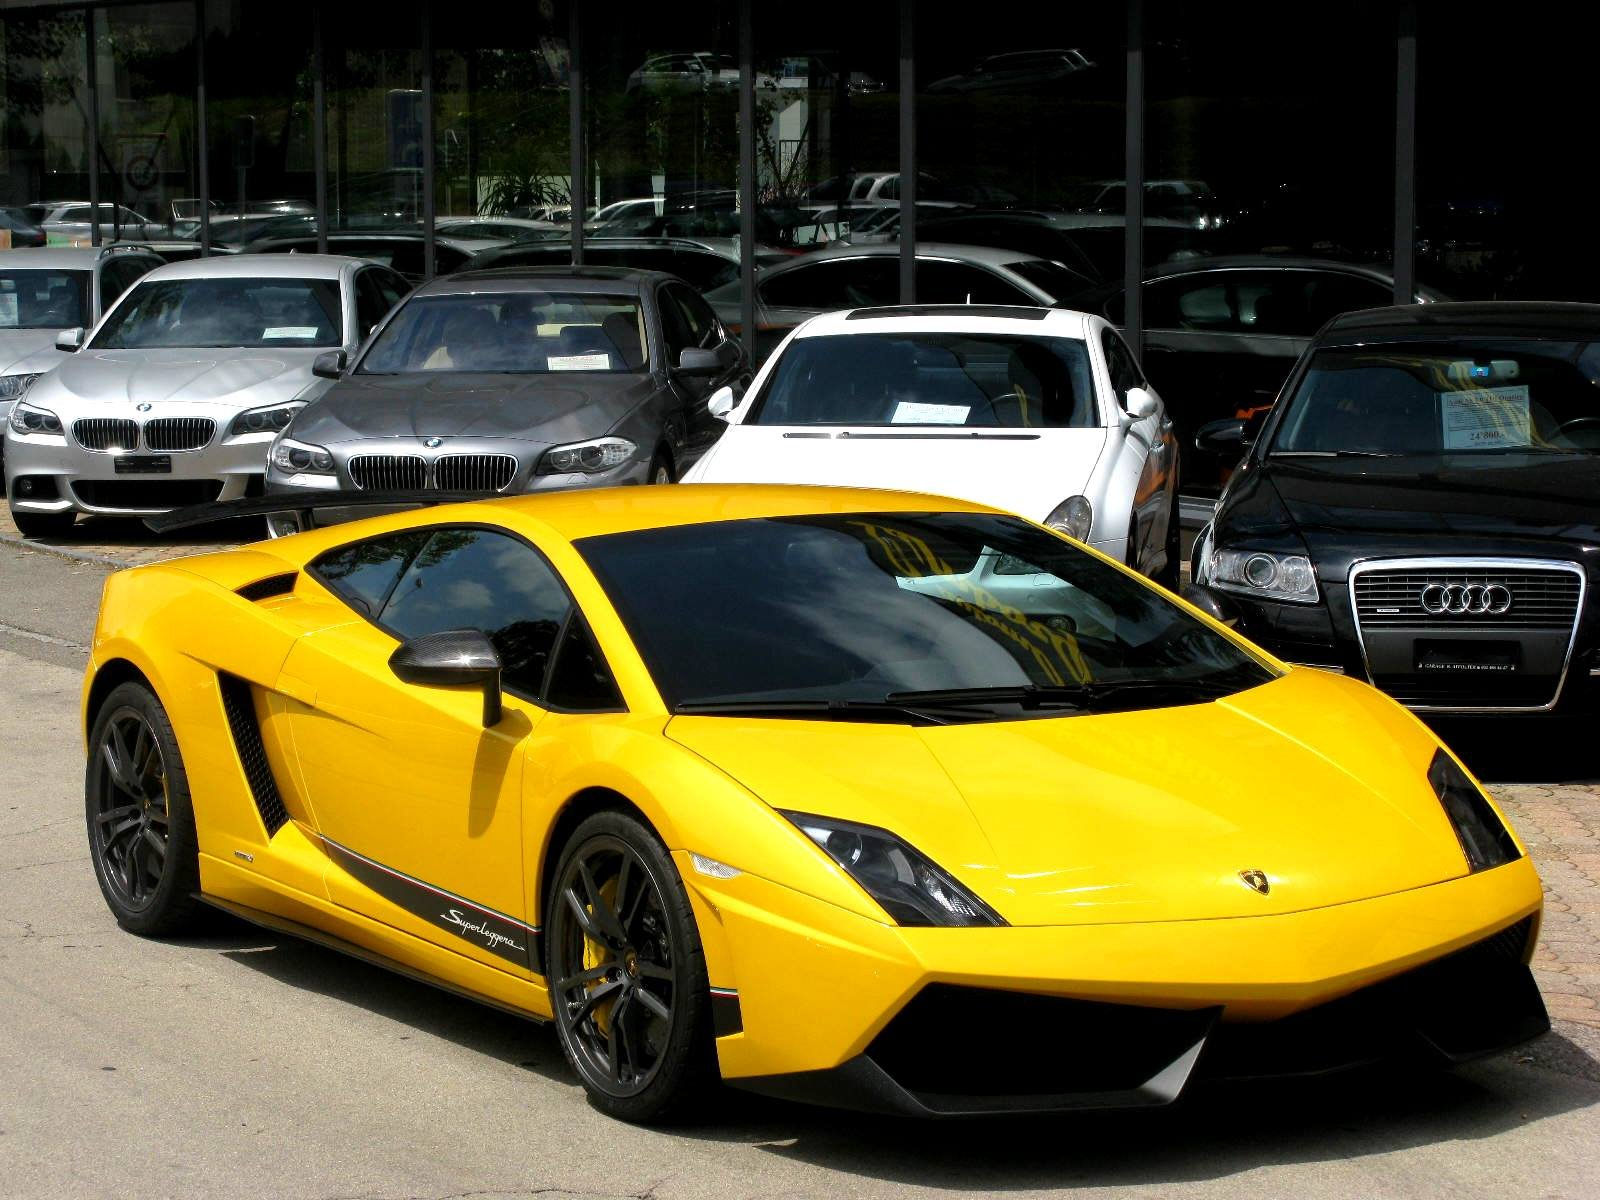 lamborghini gallardo lp570 4 superleggera italian dreamcar supercar exotic sportscar giallo jaune yellow wallpaper 1600x1200 404608 wallpaperup - Lamborghini Gallardo Superleggera Wallpaper